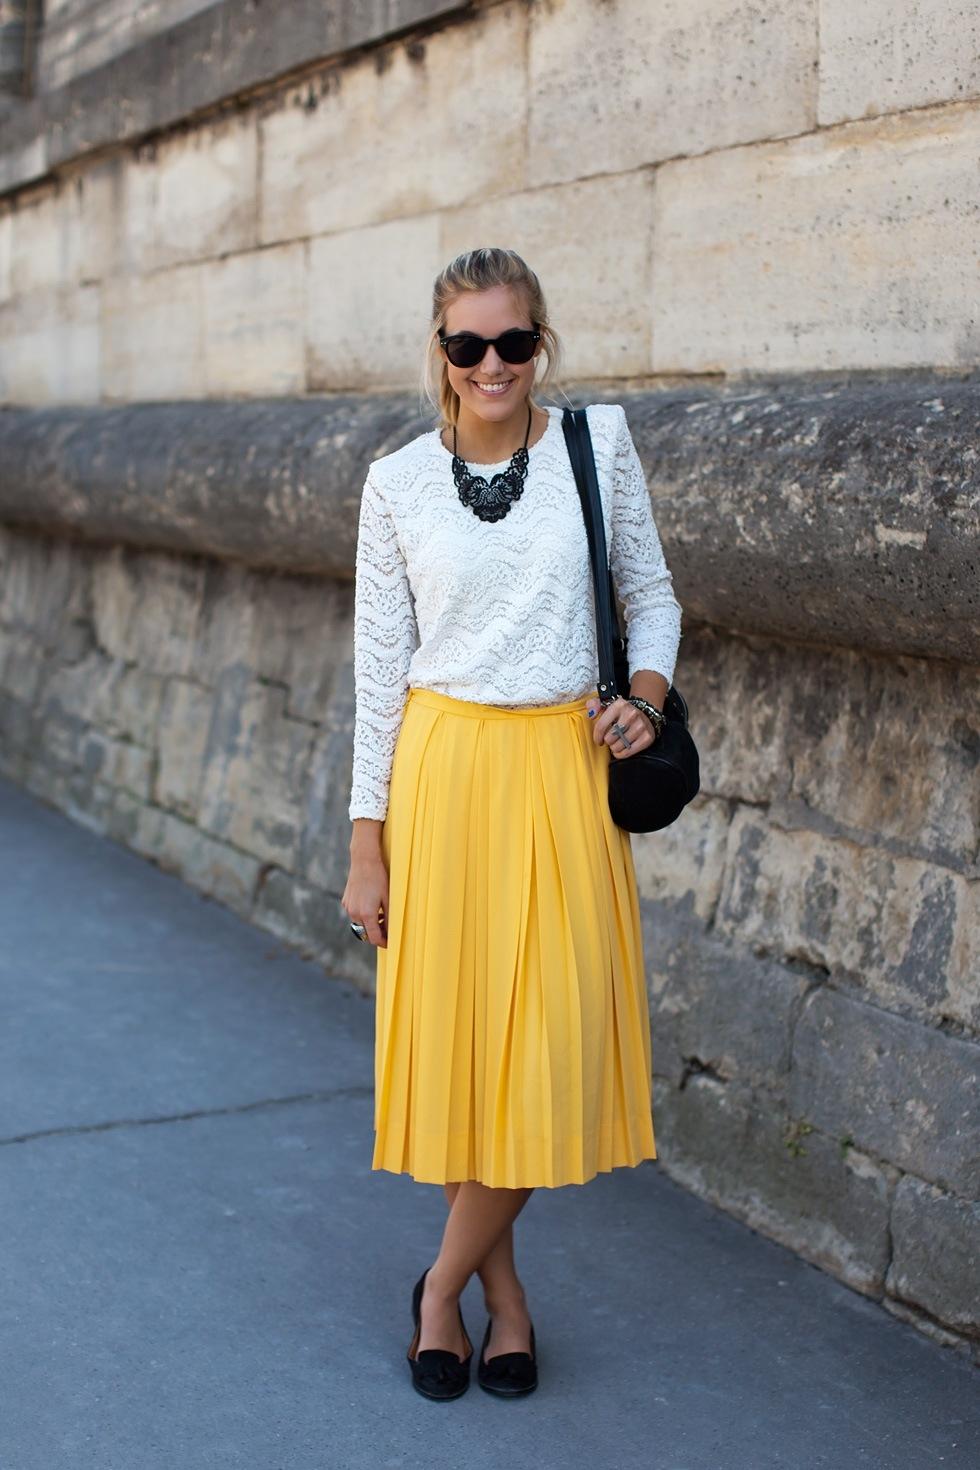 Желтая модная юбка 2016 - фото новинки и тренды сезона